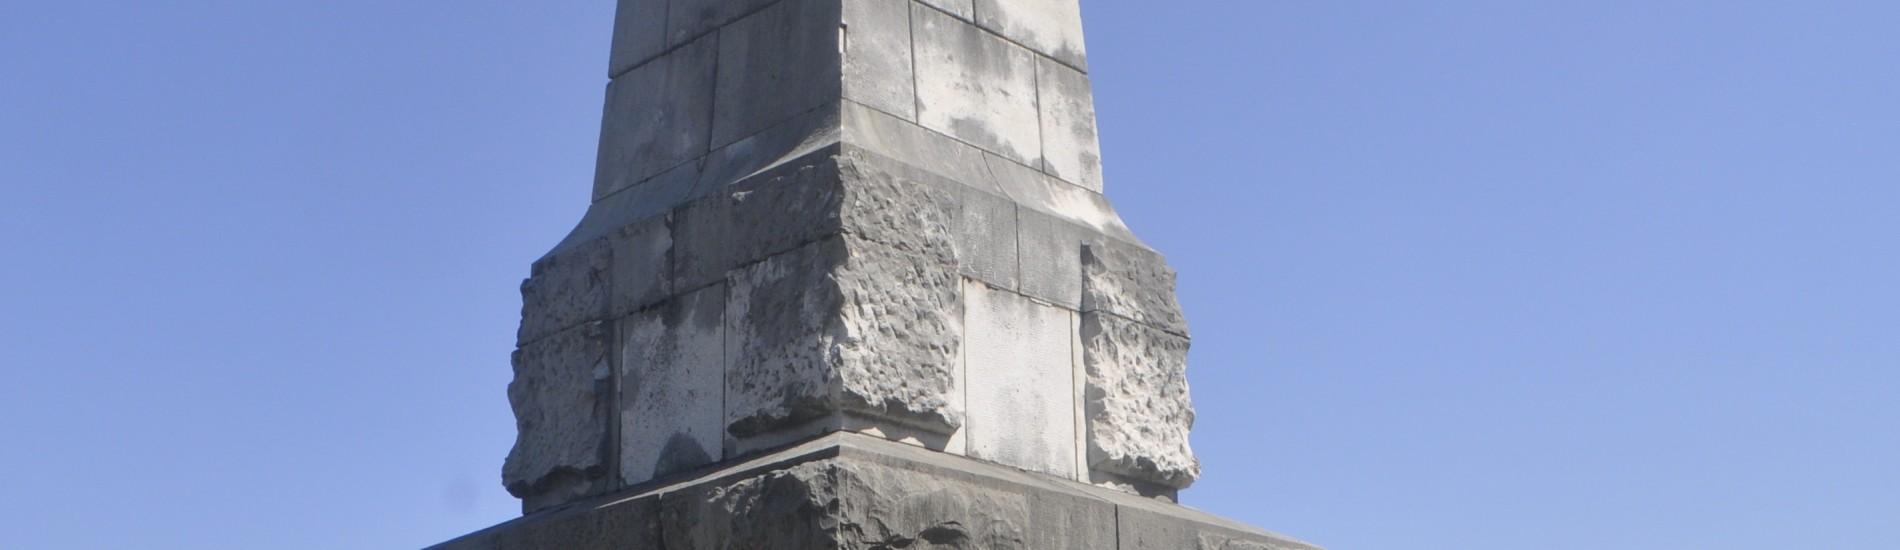 Cippo dei 4 Generali sopra Oslavia